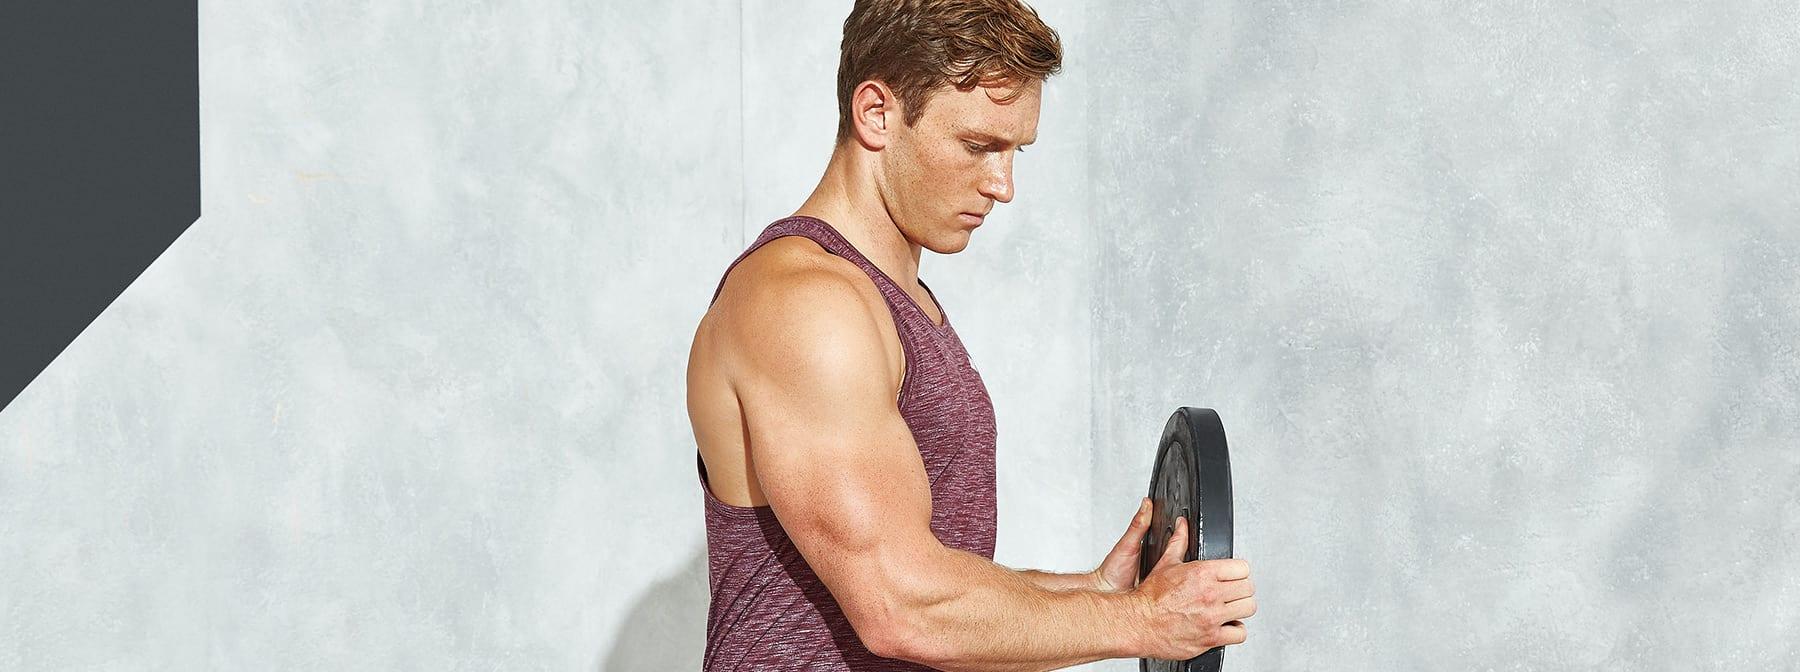 6 nejlepších suplementů pro nabírání svalů